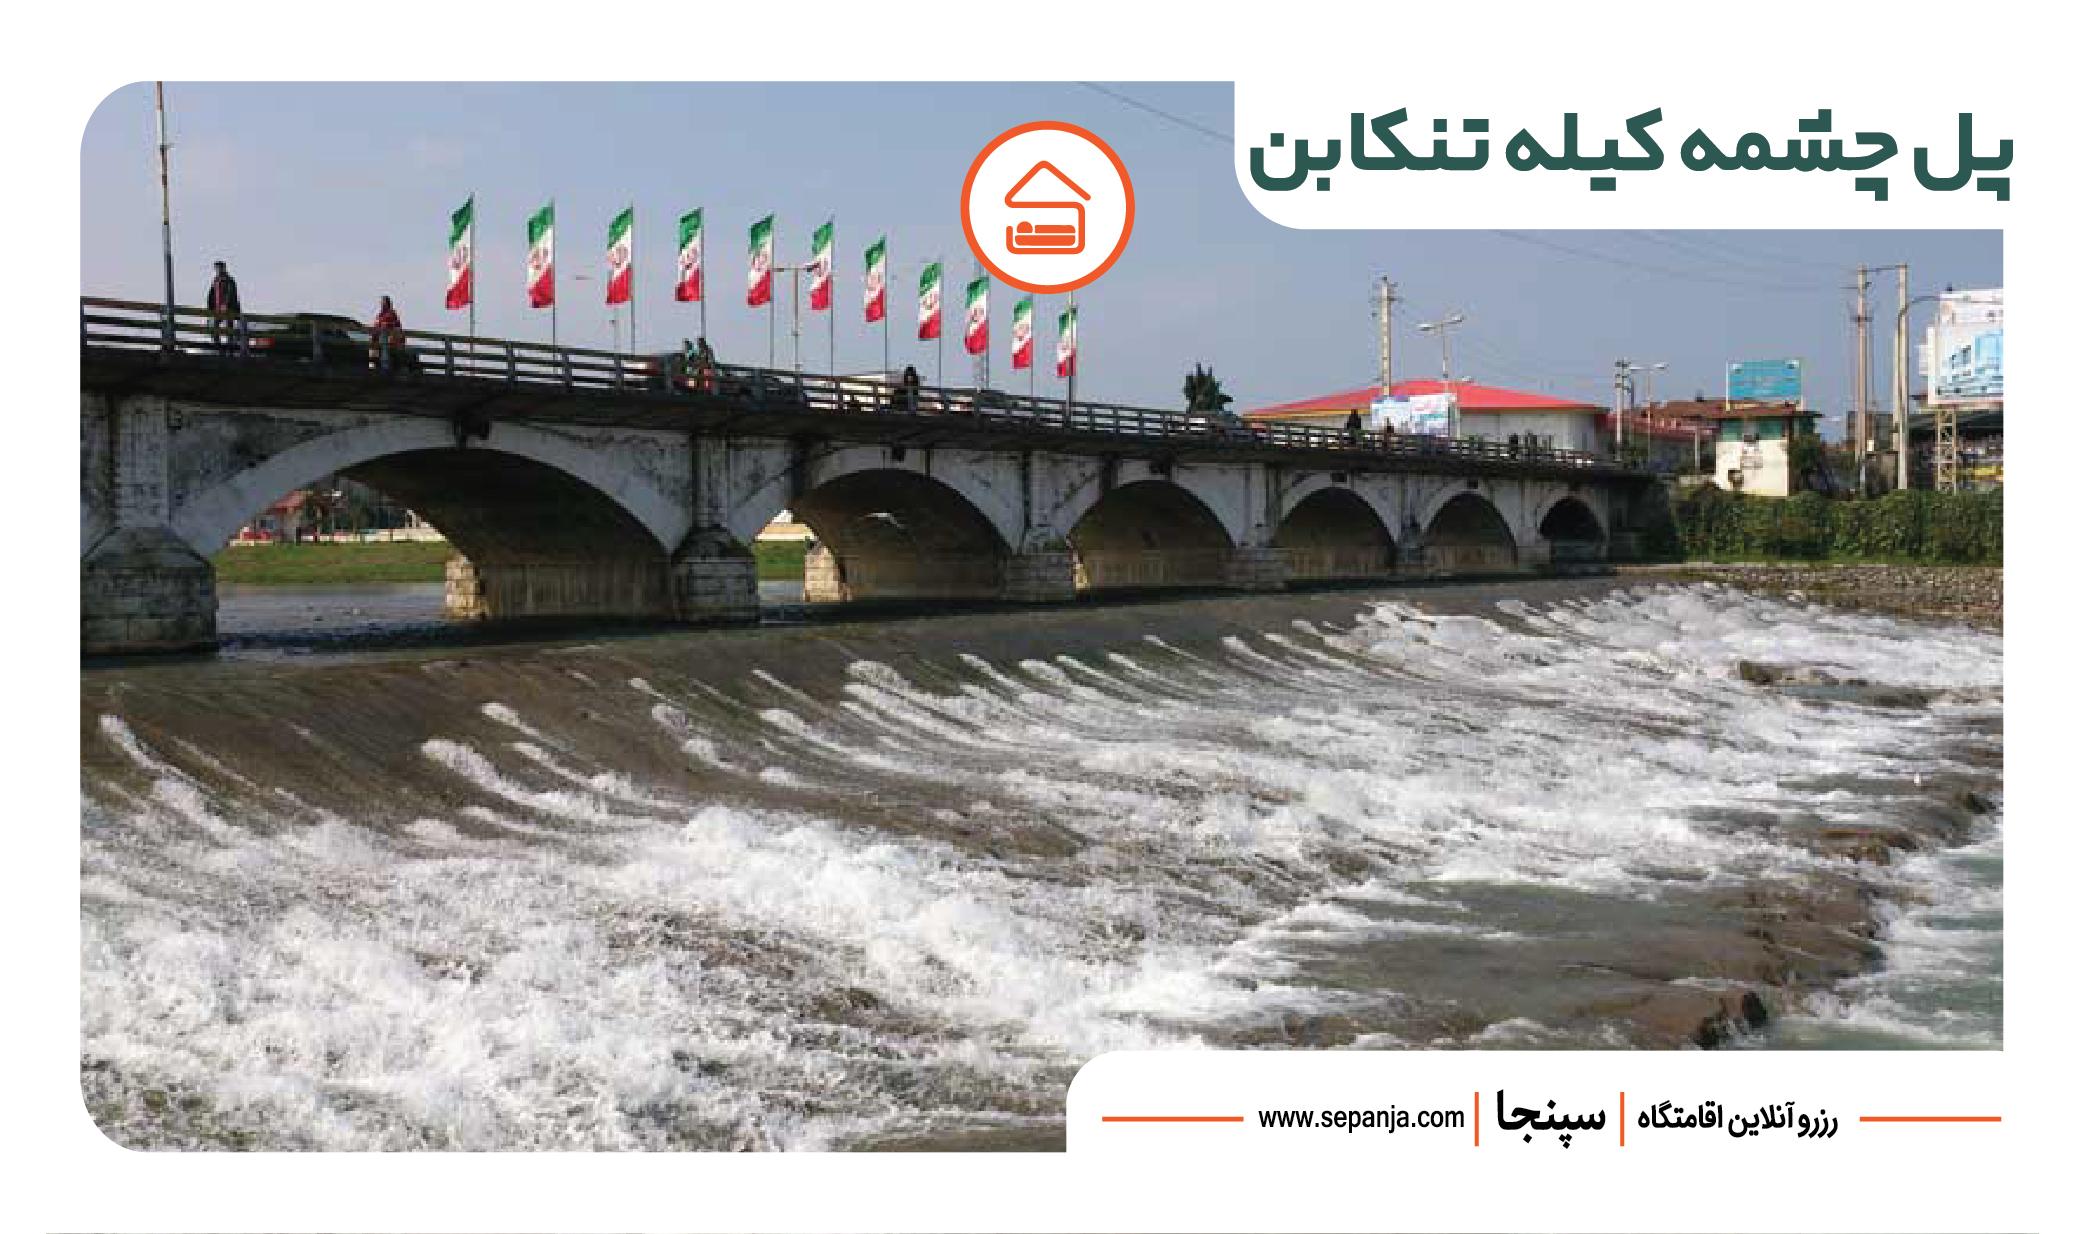 پل چشمه کیله تنکابن از محبوب ترین جاهای دیدنی تنکابن